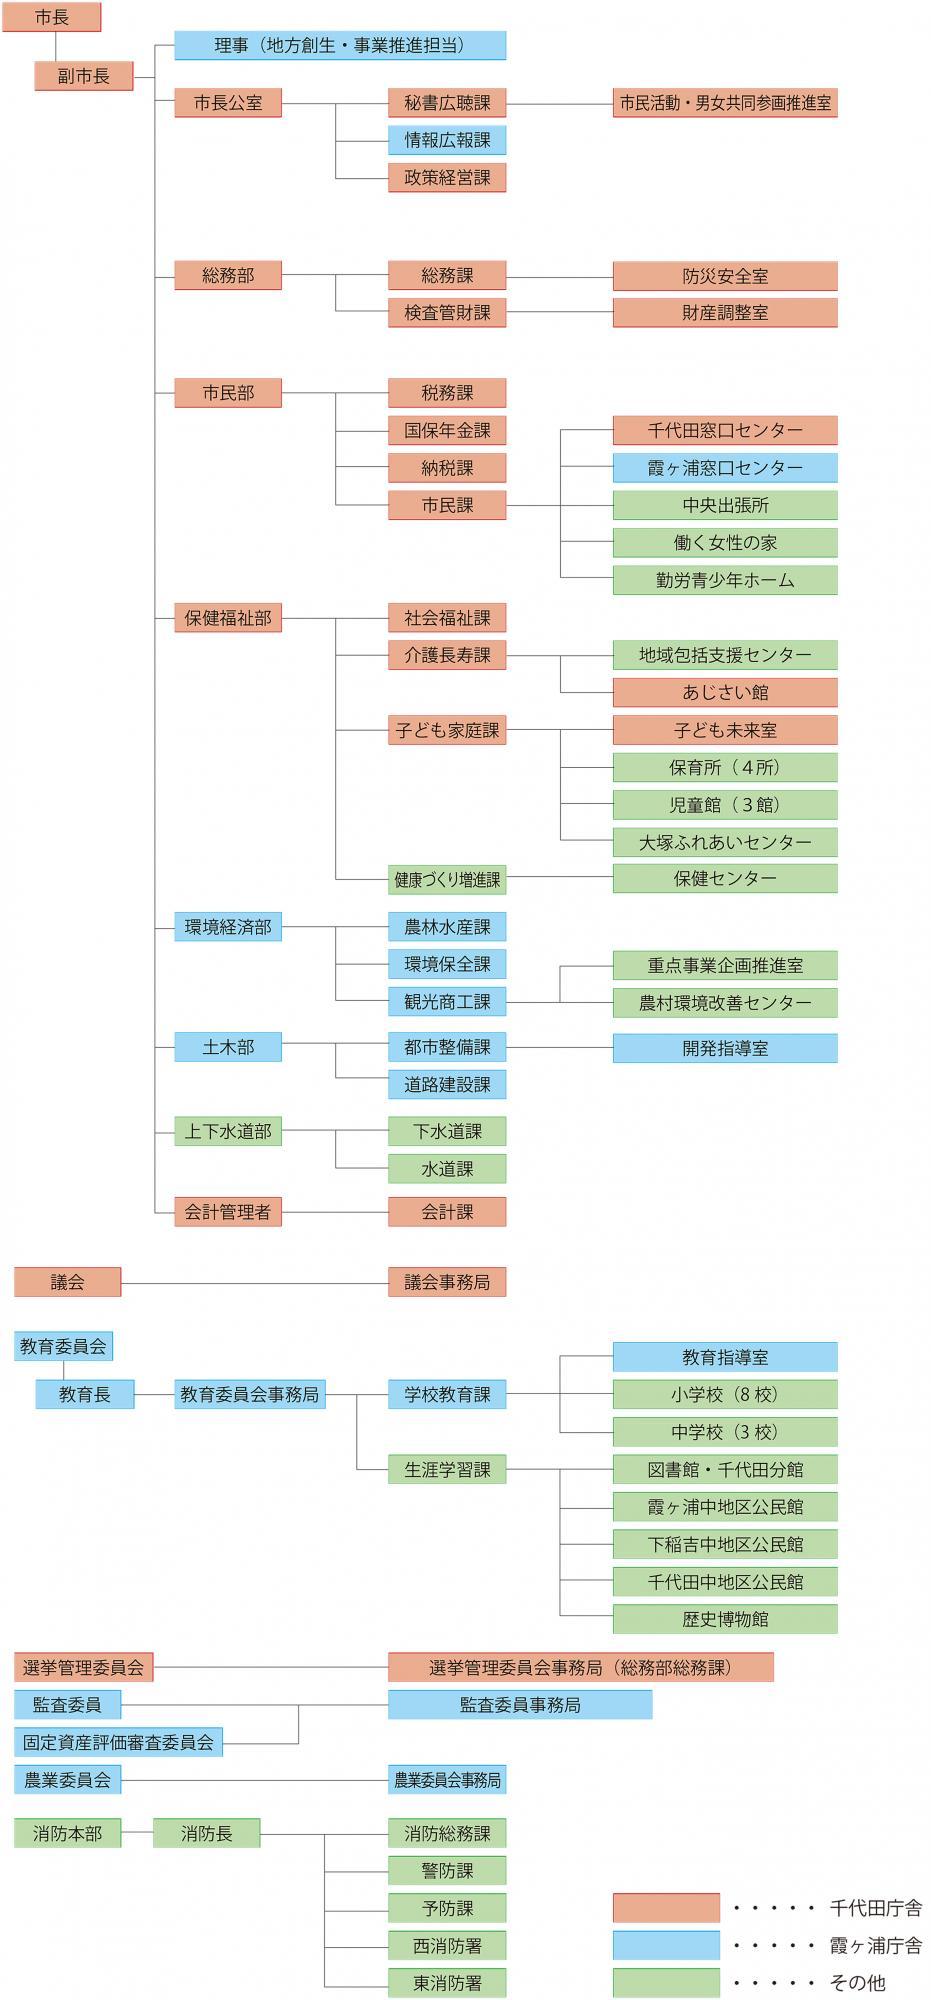 『組織機構 (H26)』の画像